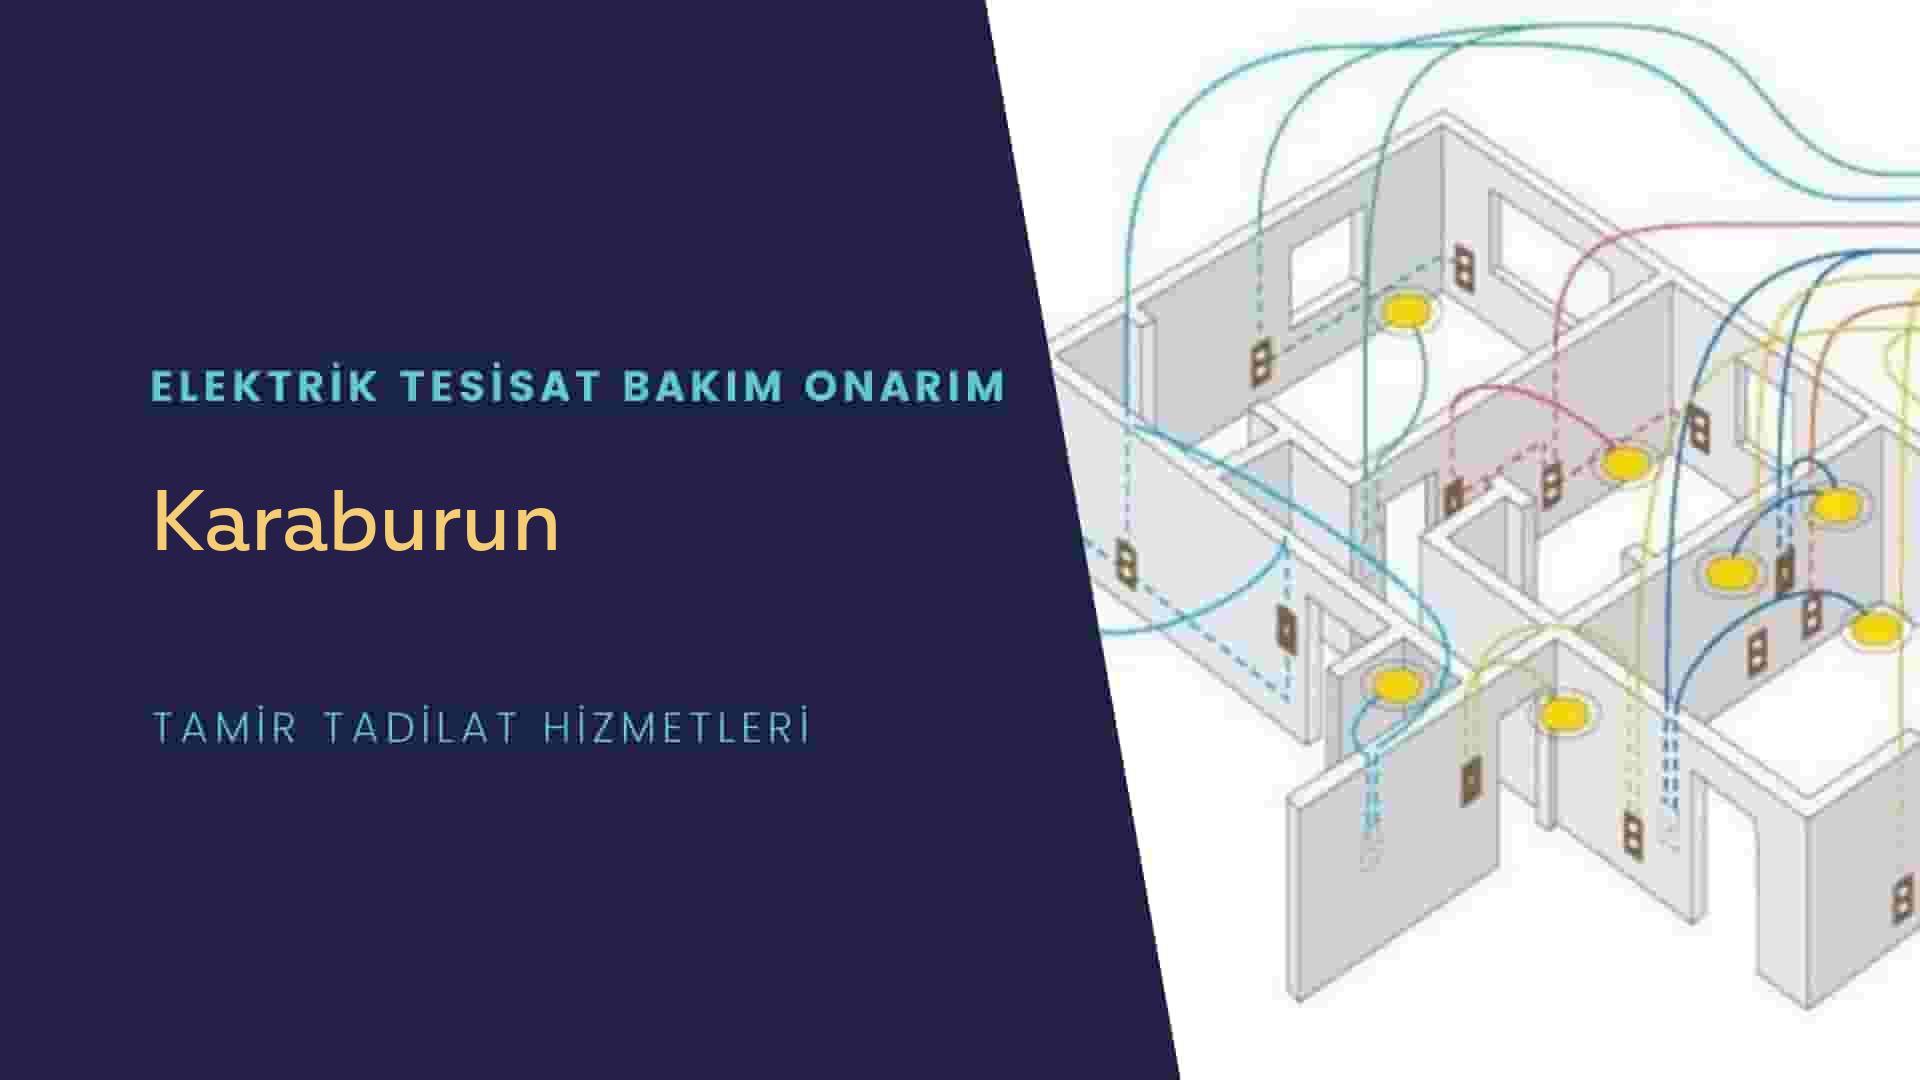 Karaburun'da elektrik tesisatıustalarımı arıyorsunuz doğru adrestenizi Karaburun elektrik tesisatı ustalarımız 7/24 sizlere hizmet vermekten mutluluk duyar.